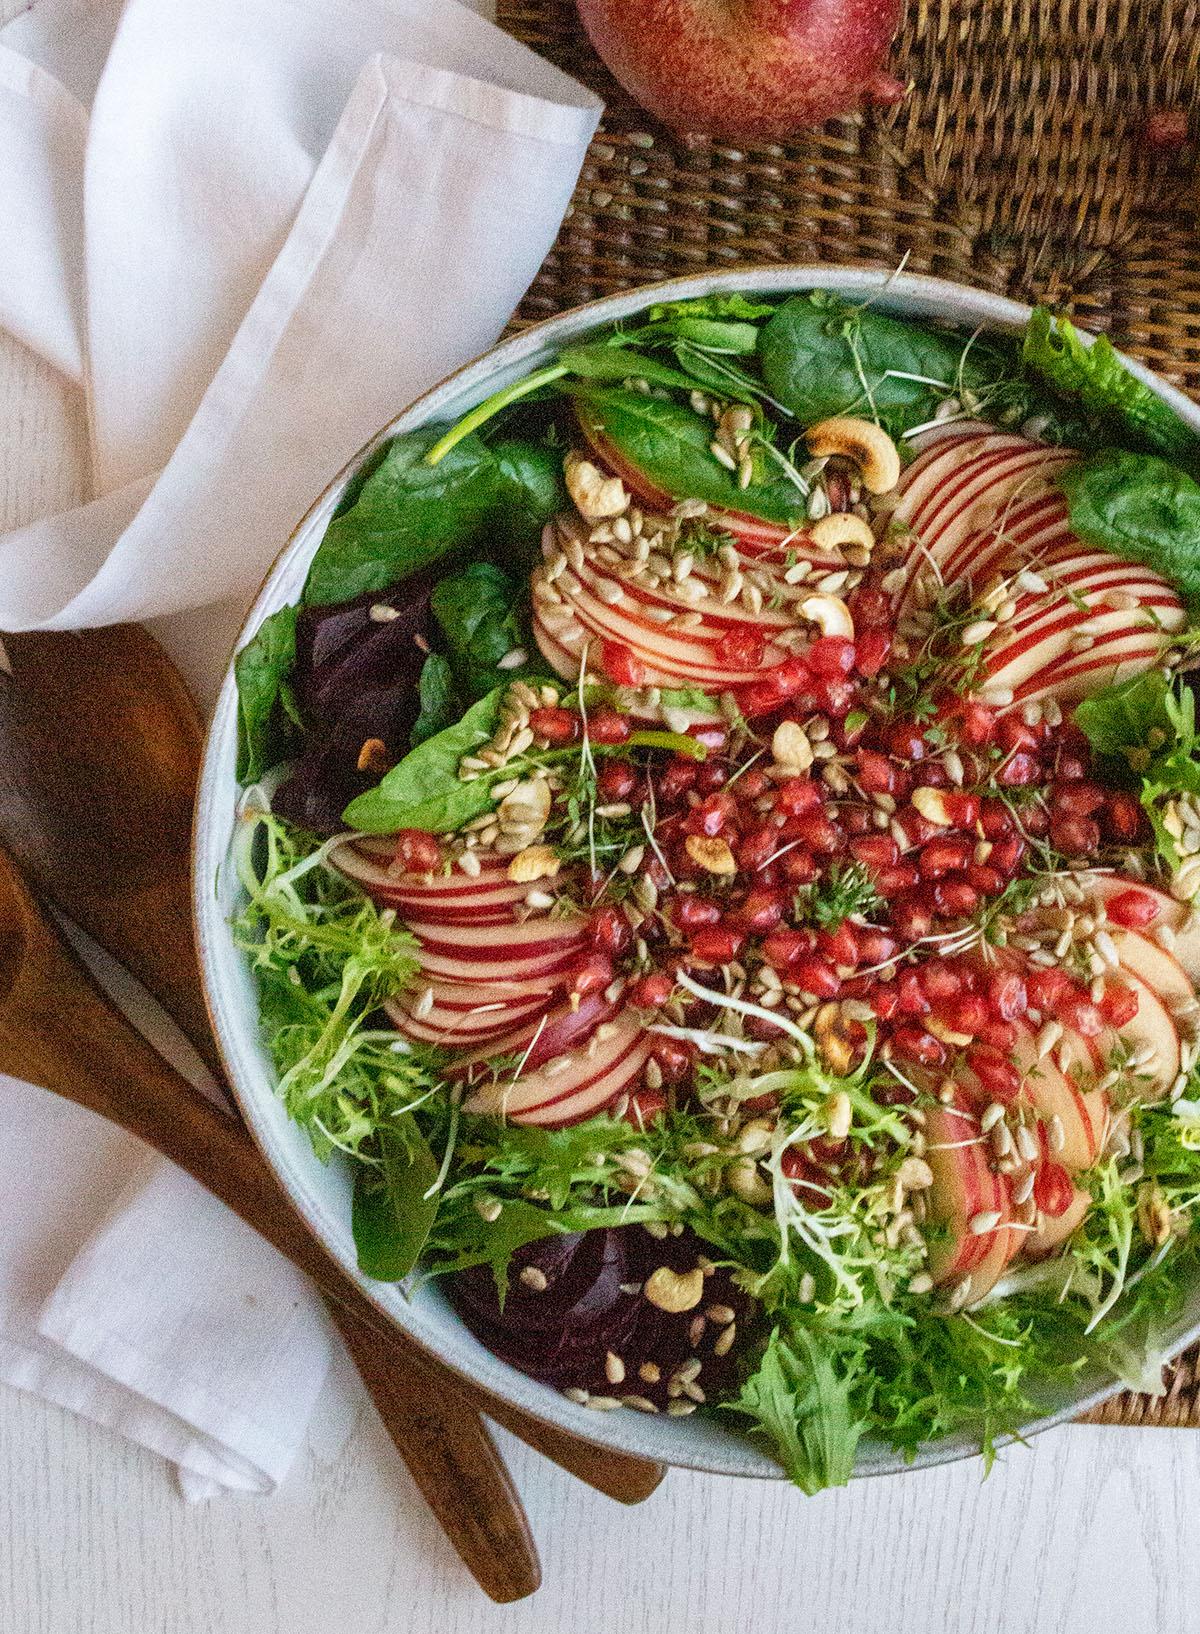 Spinat und Friseesalat mit Äpfeln und Granatapfelkernen